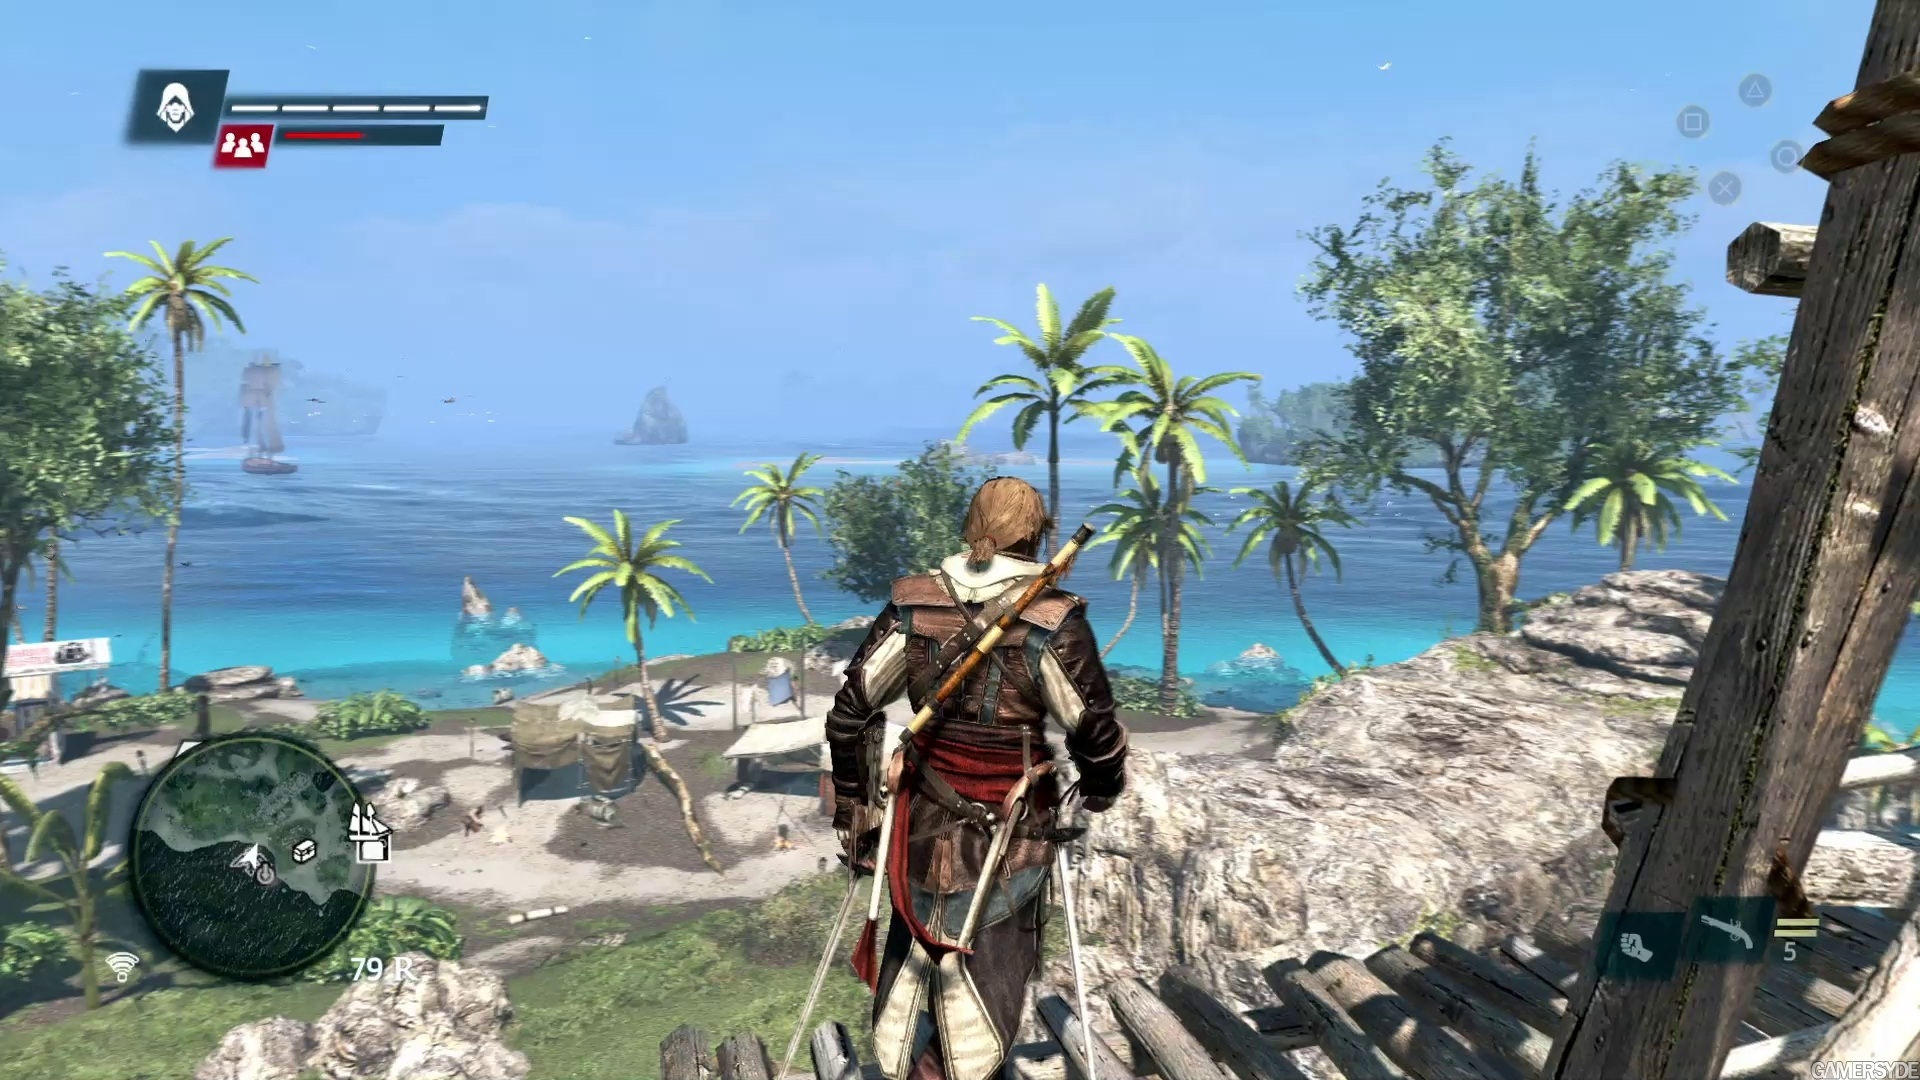 image   23118 1 0007 با تصاویر جدید Assassins Creed IV، شکار کوسه، پیدا کردن گنج ها در زیر آب و بیشتر را ببینید